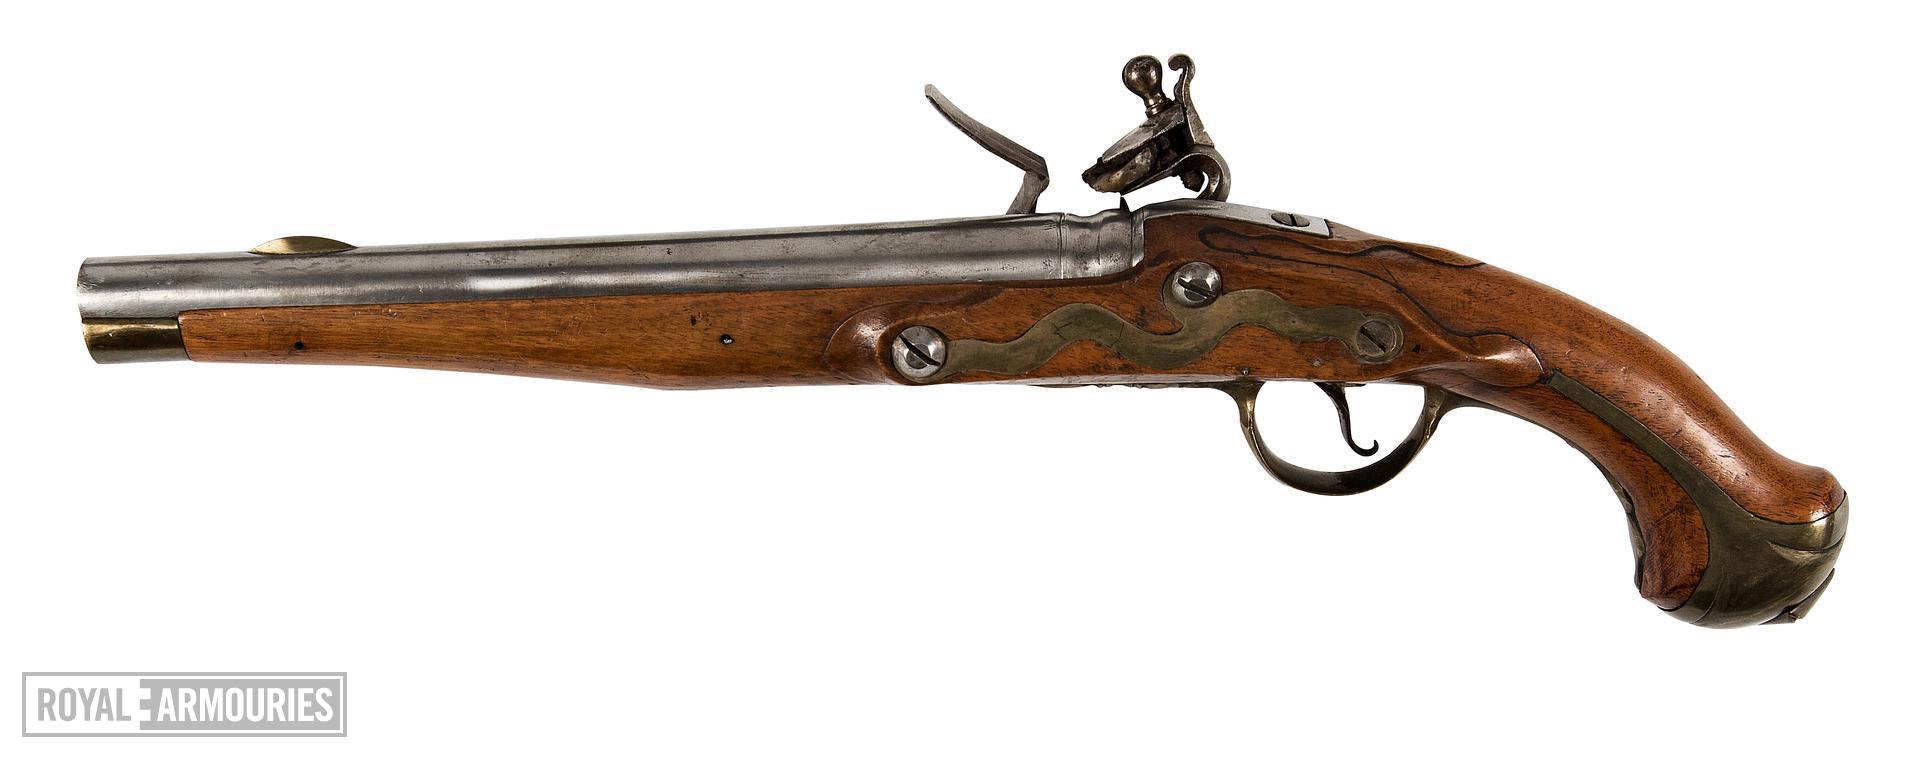 Flintlock muzzle-loading pistol - Model 1789 (conversion) Flintlock muzzle-loading pistol, Model 1789 (conversion), about 1789. .